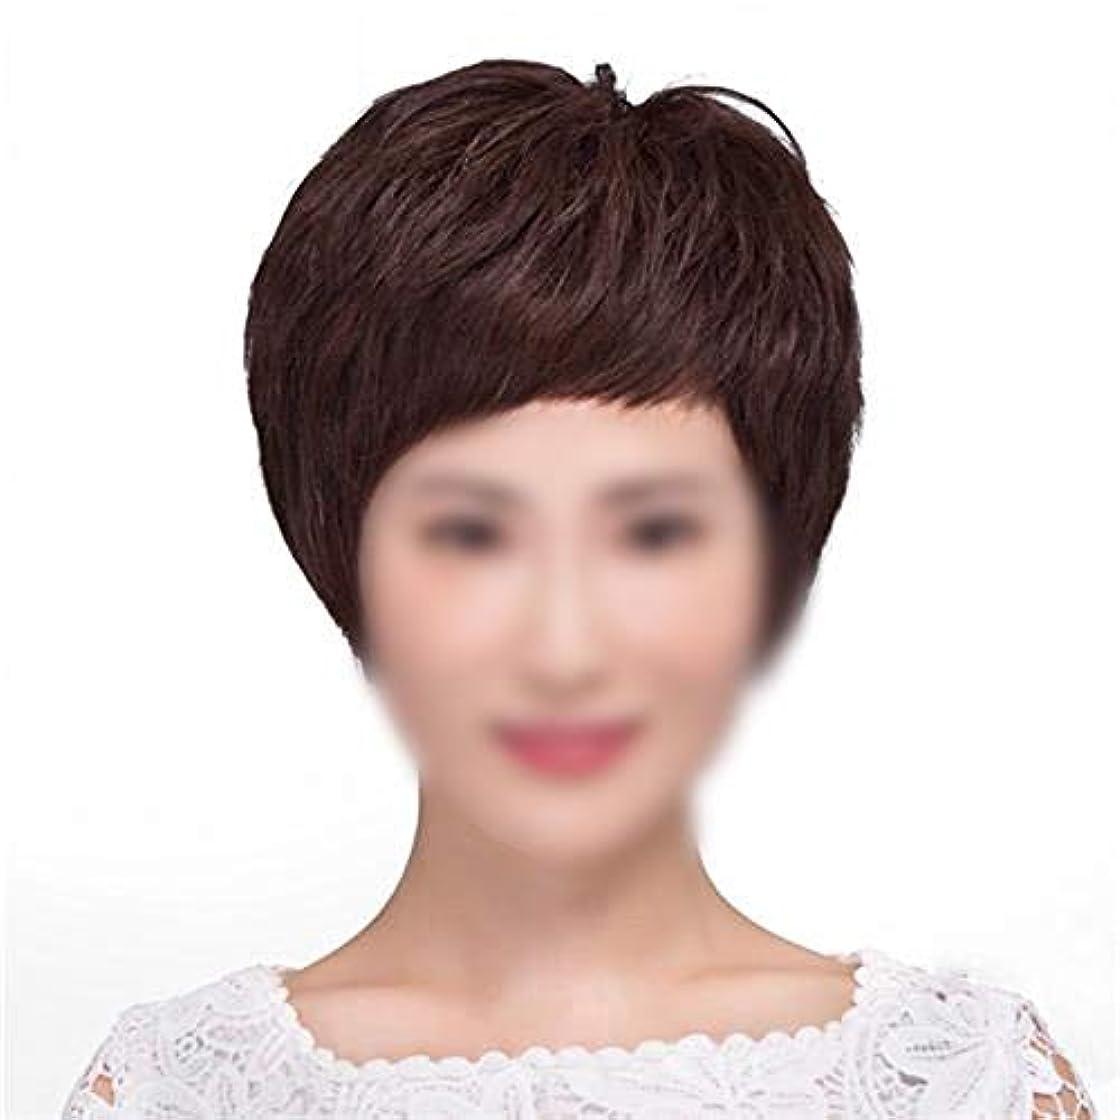 落ち込んでいるに慣れ結紮YOUQIU 女性のパーティードレス毎日ウィッグ用ハンドニードルレアル髪ショートストレート髪ふわふわナチュラルウィッグ (色 : Natural black)